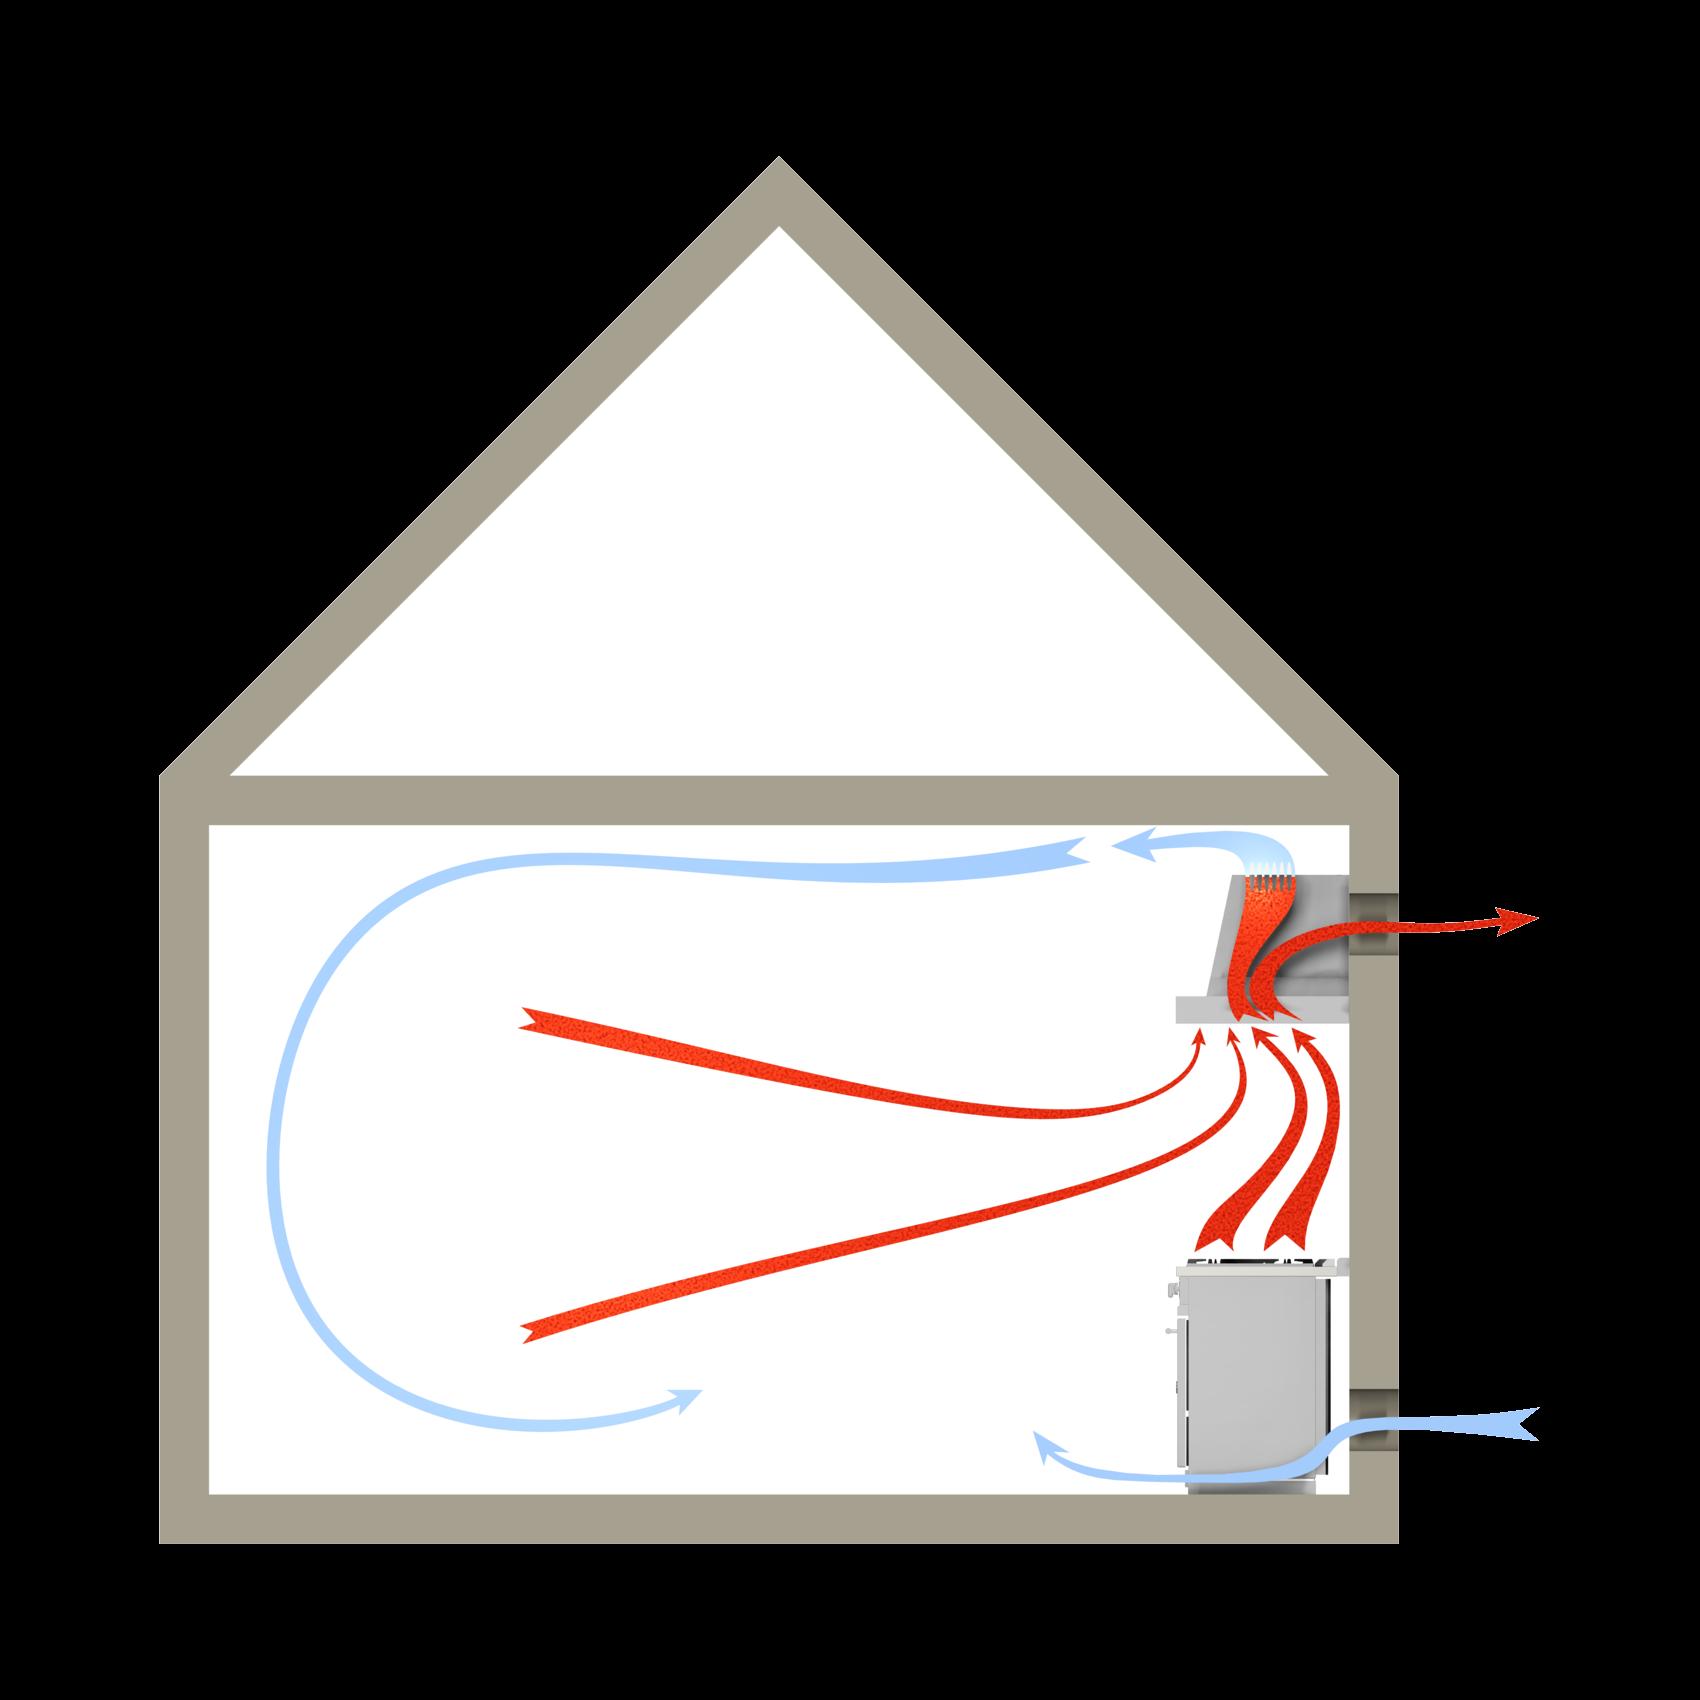 De geluidsarme luchtzuiveraar